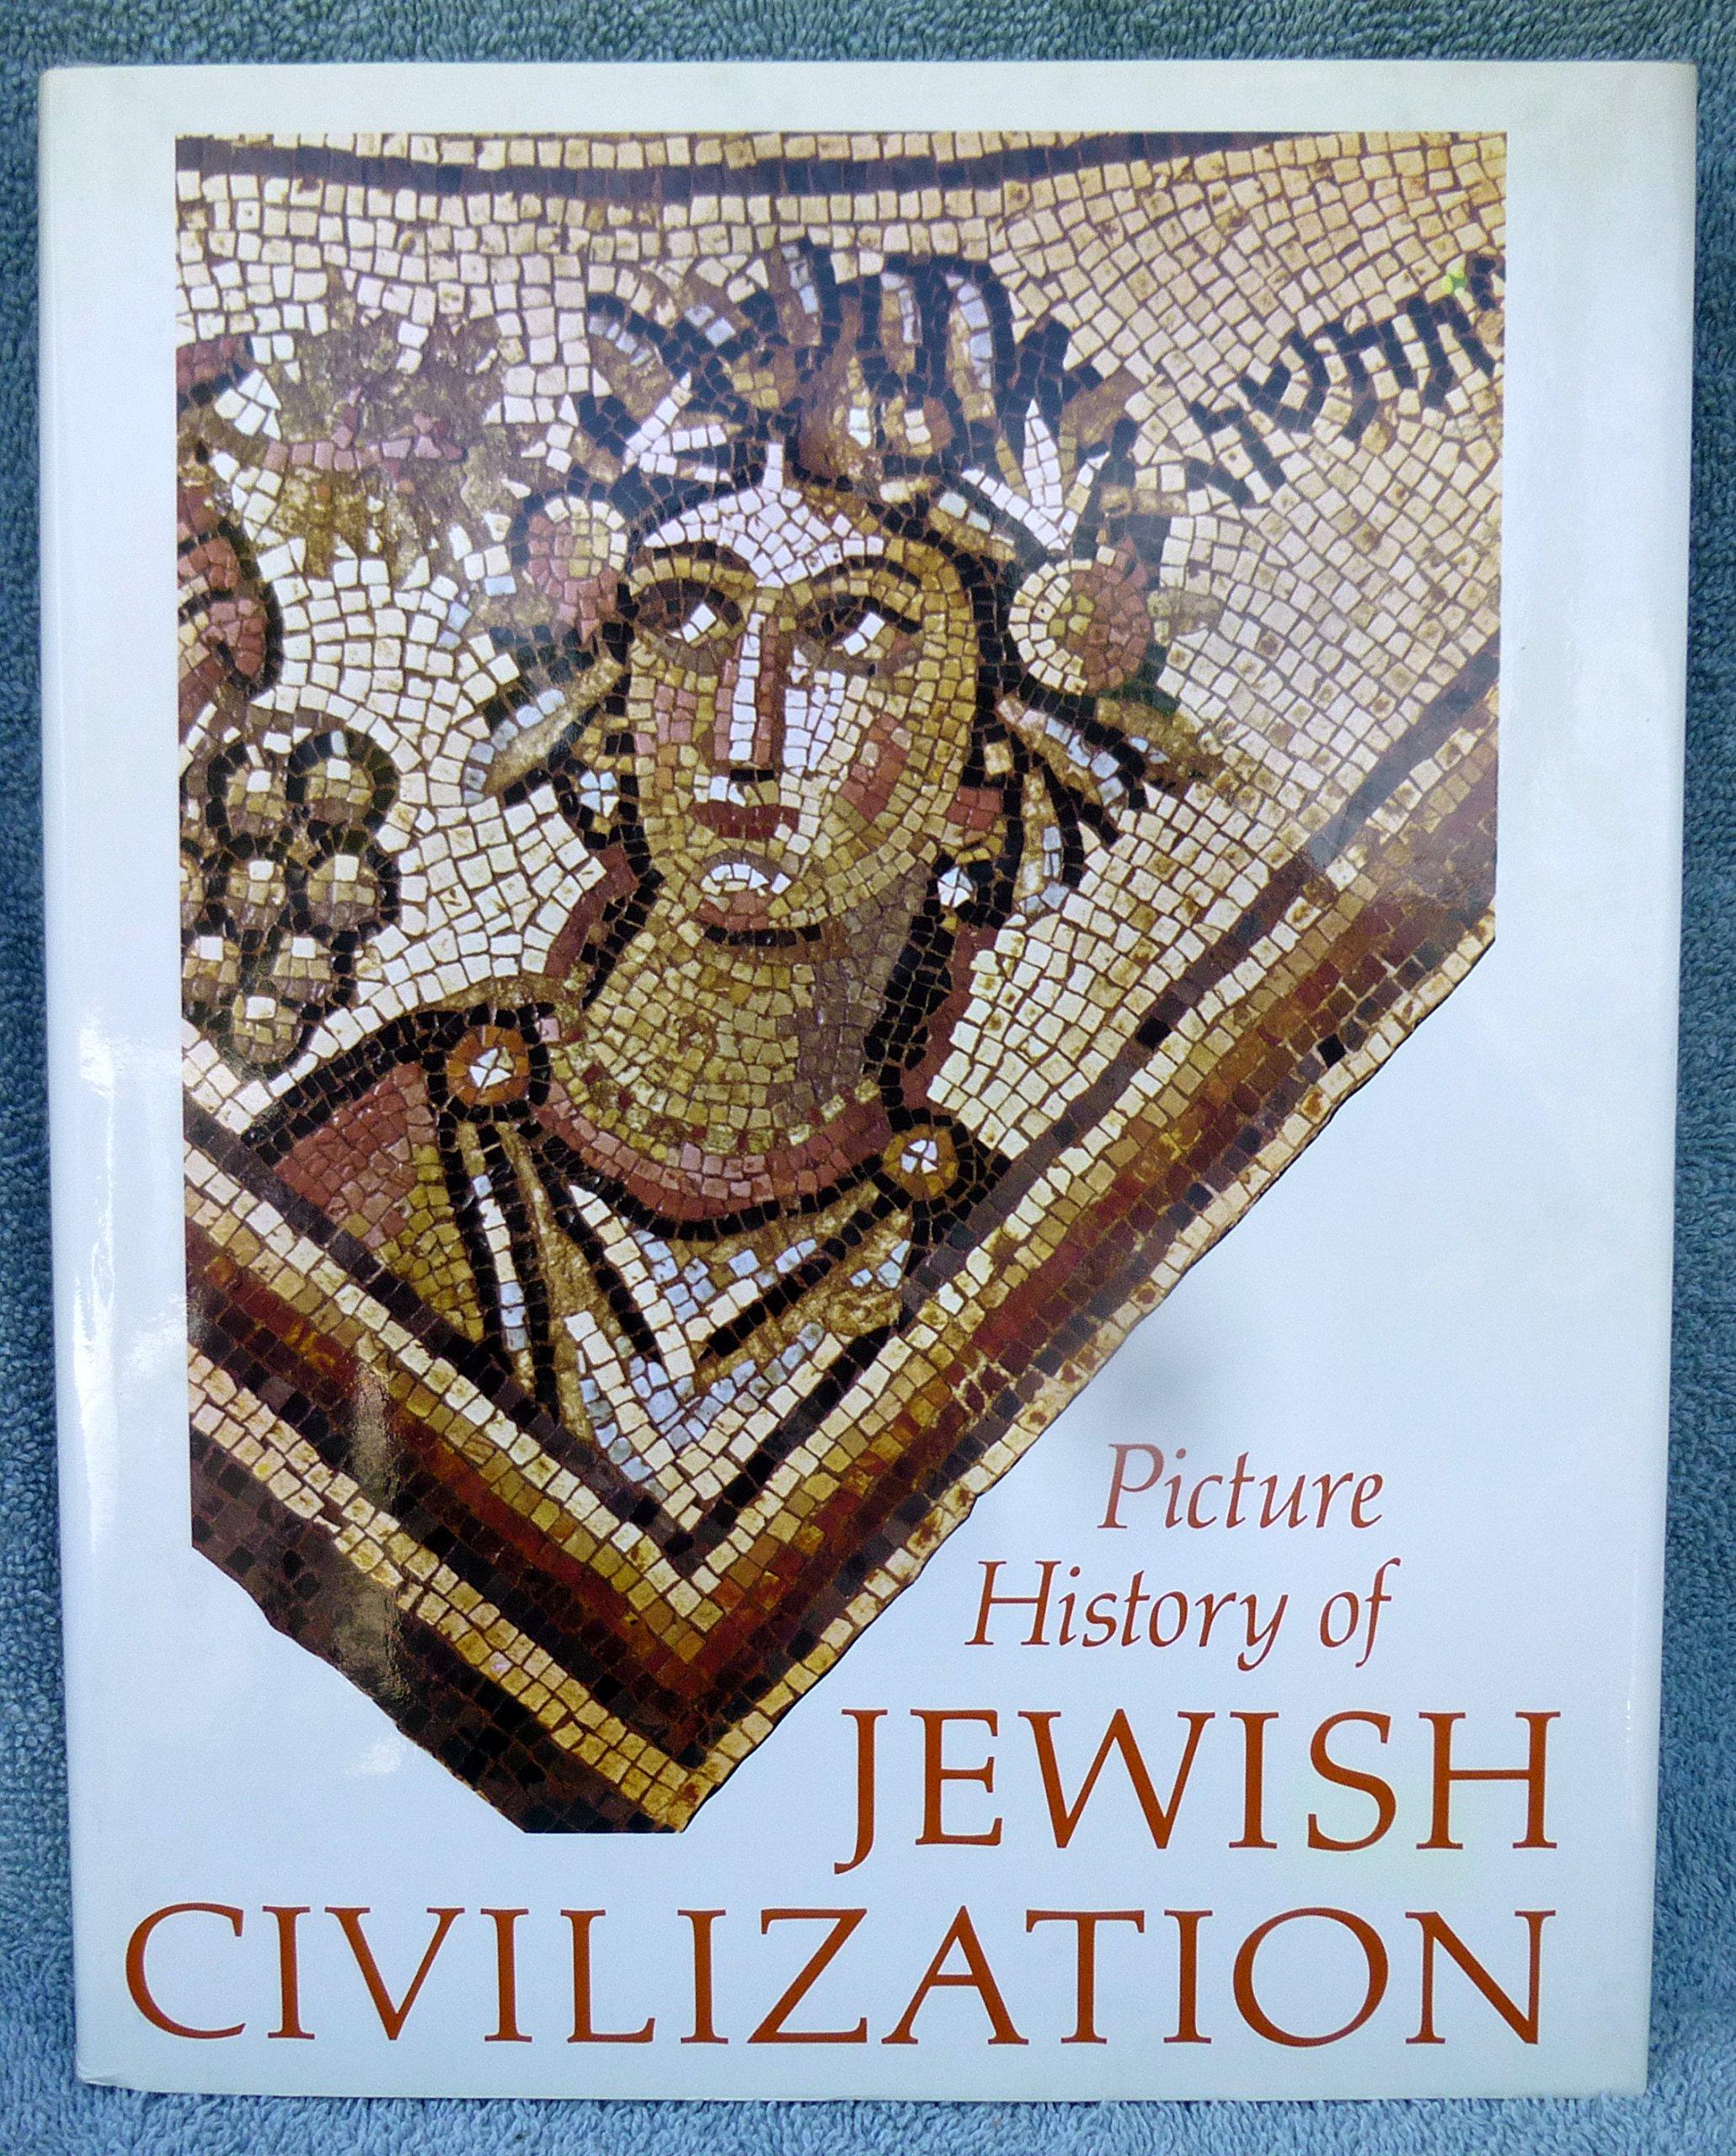 Picture History of Jewish Civilization